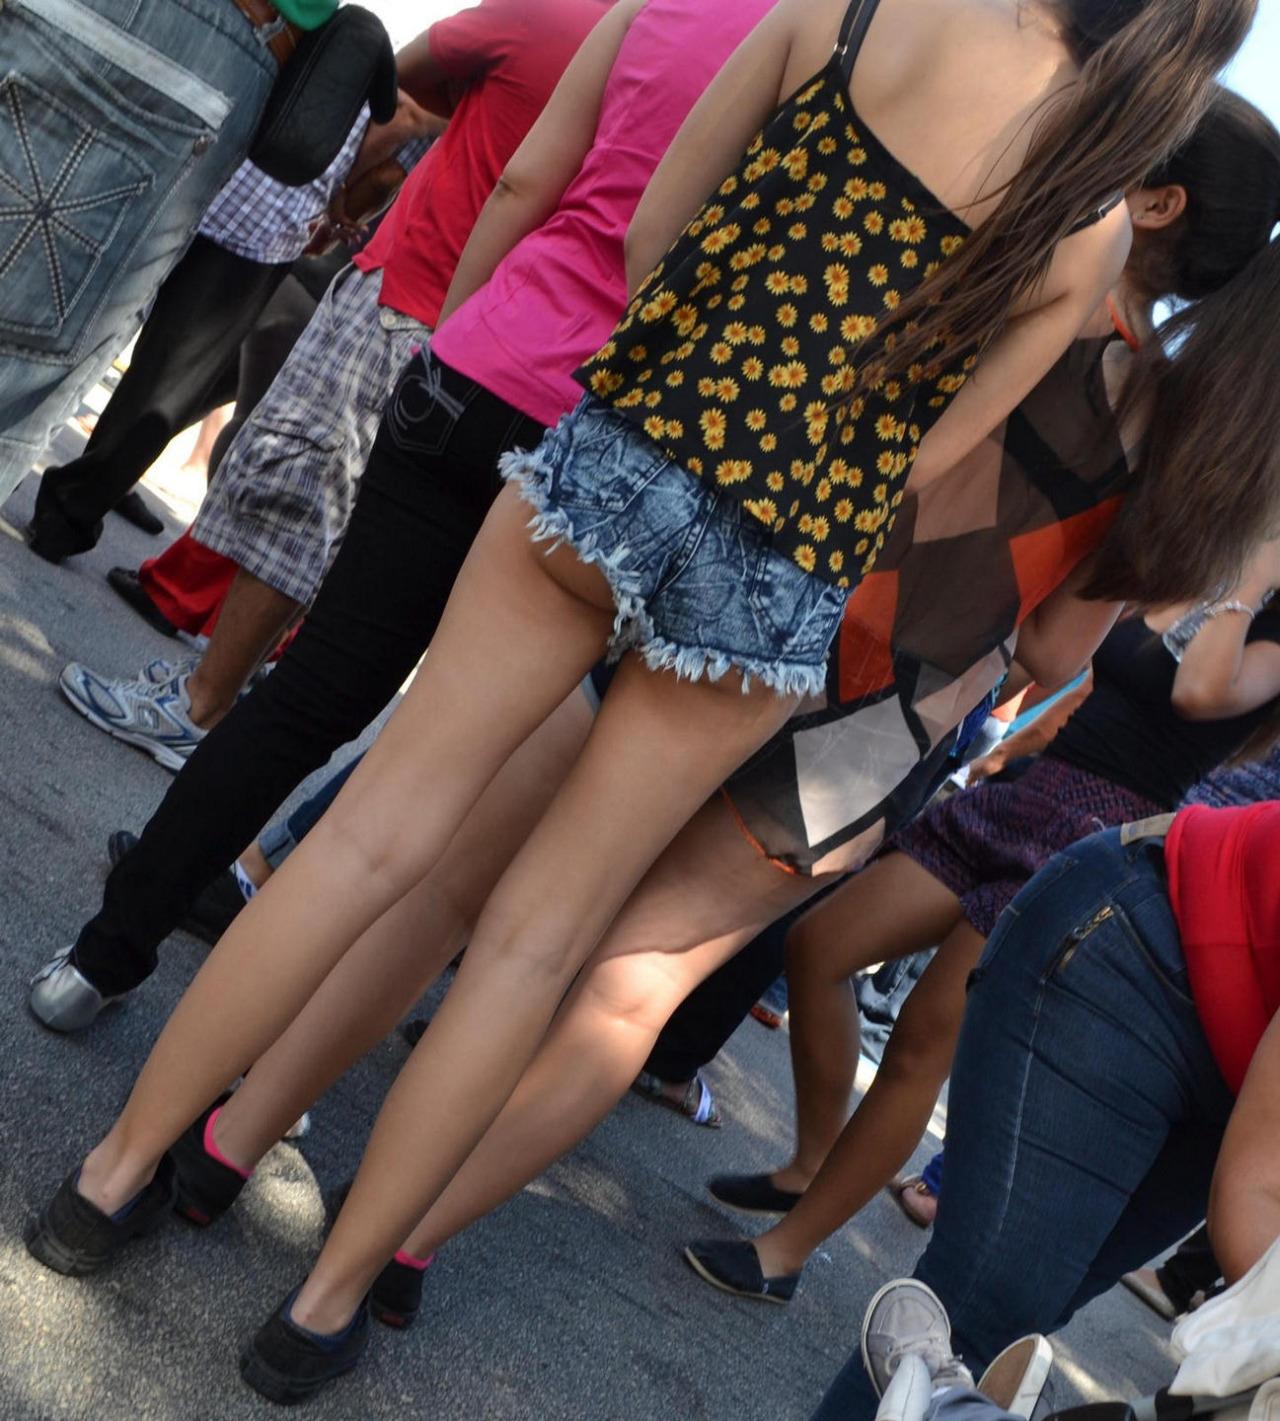 【着尻エロ画像】故意にハミ出させて何考えて…街中でも平気なホットパンツ女子の変則半ケツwww 08